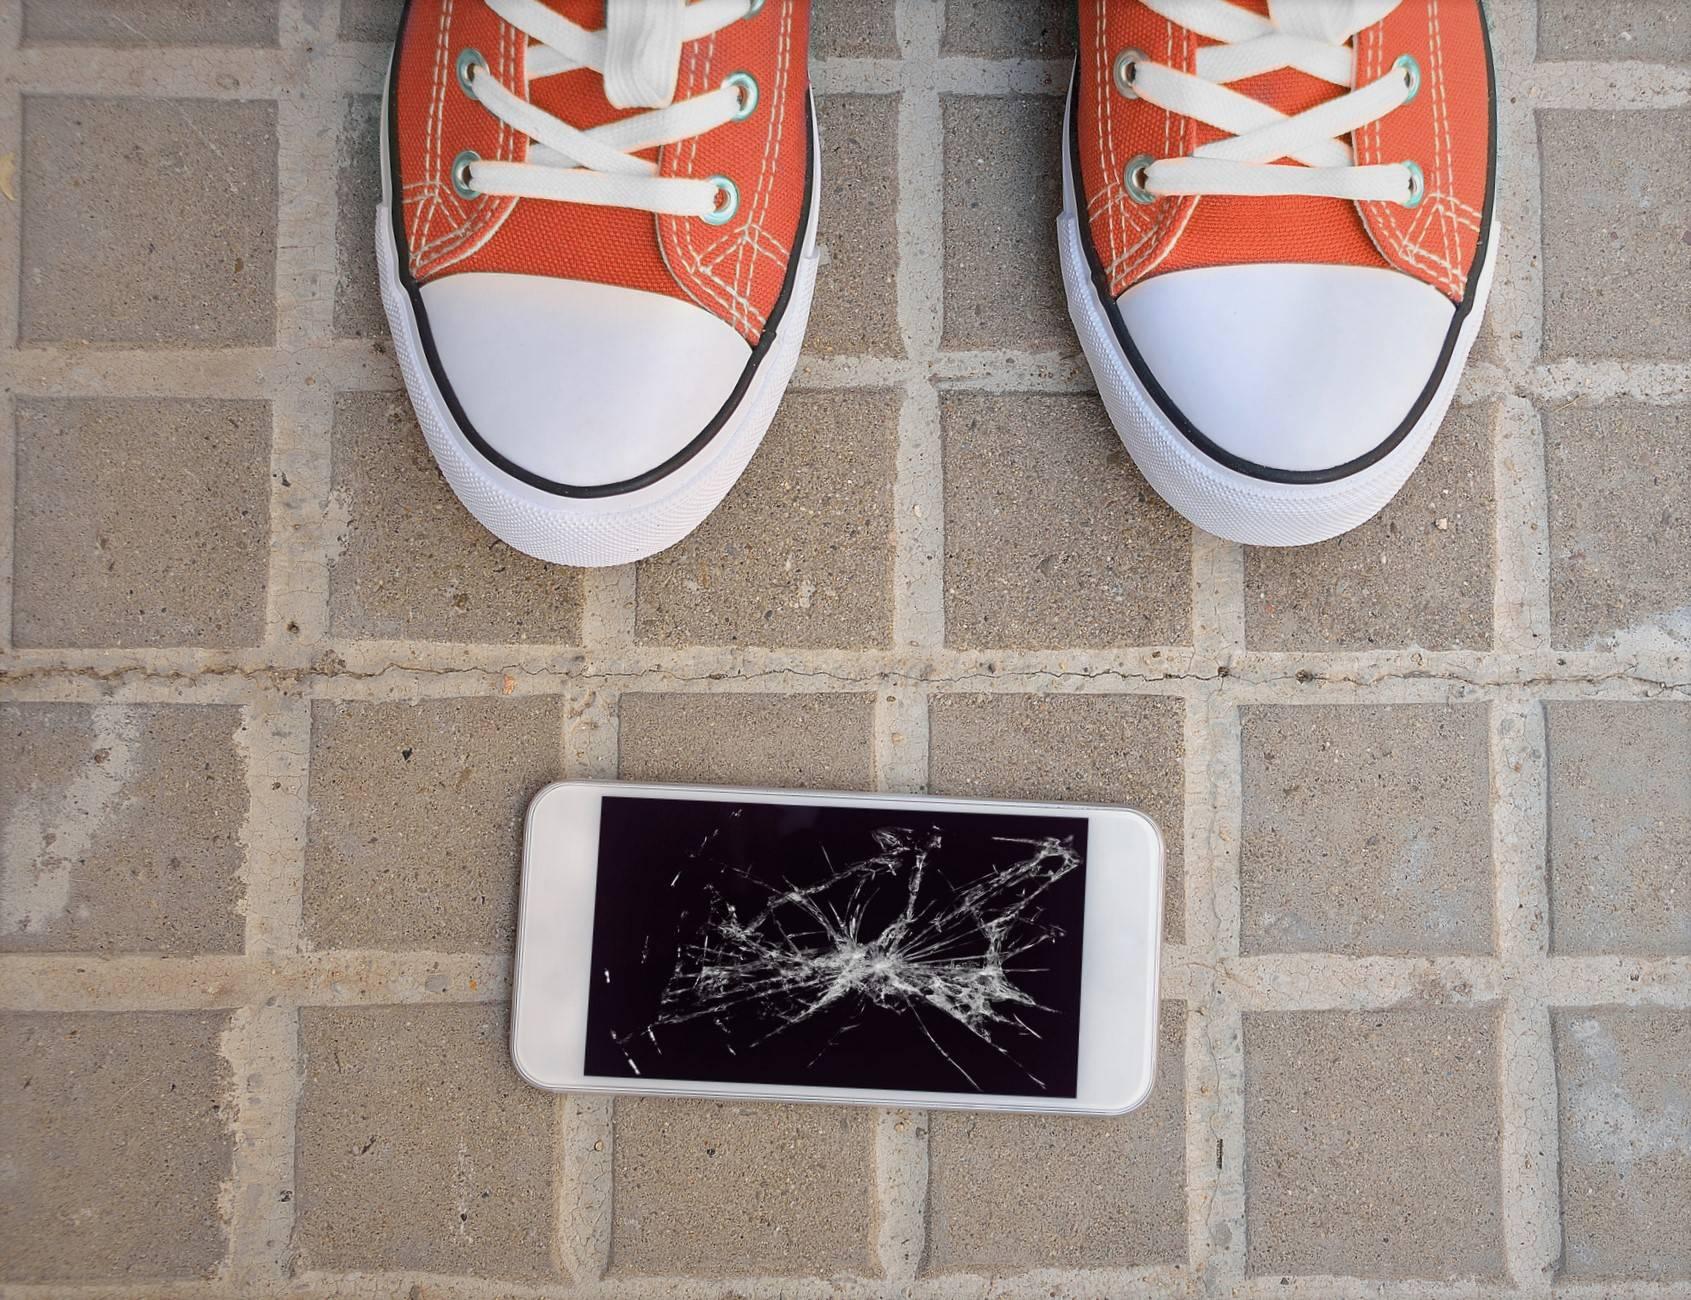 www.juicysantos.com.br - tela de iphone quebrada conserto de iphone na autorizada da apple em santos